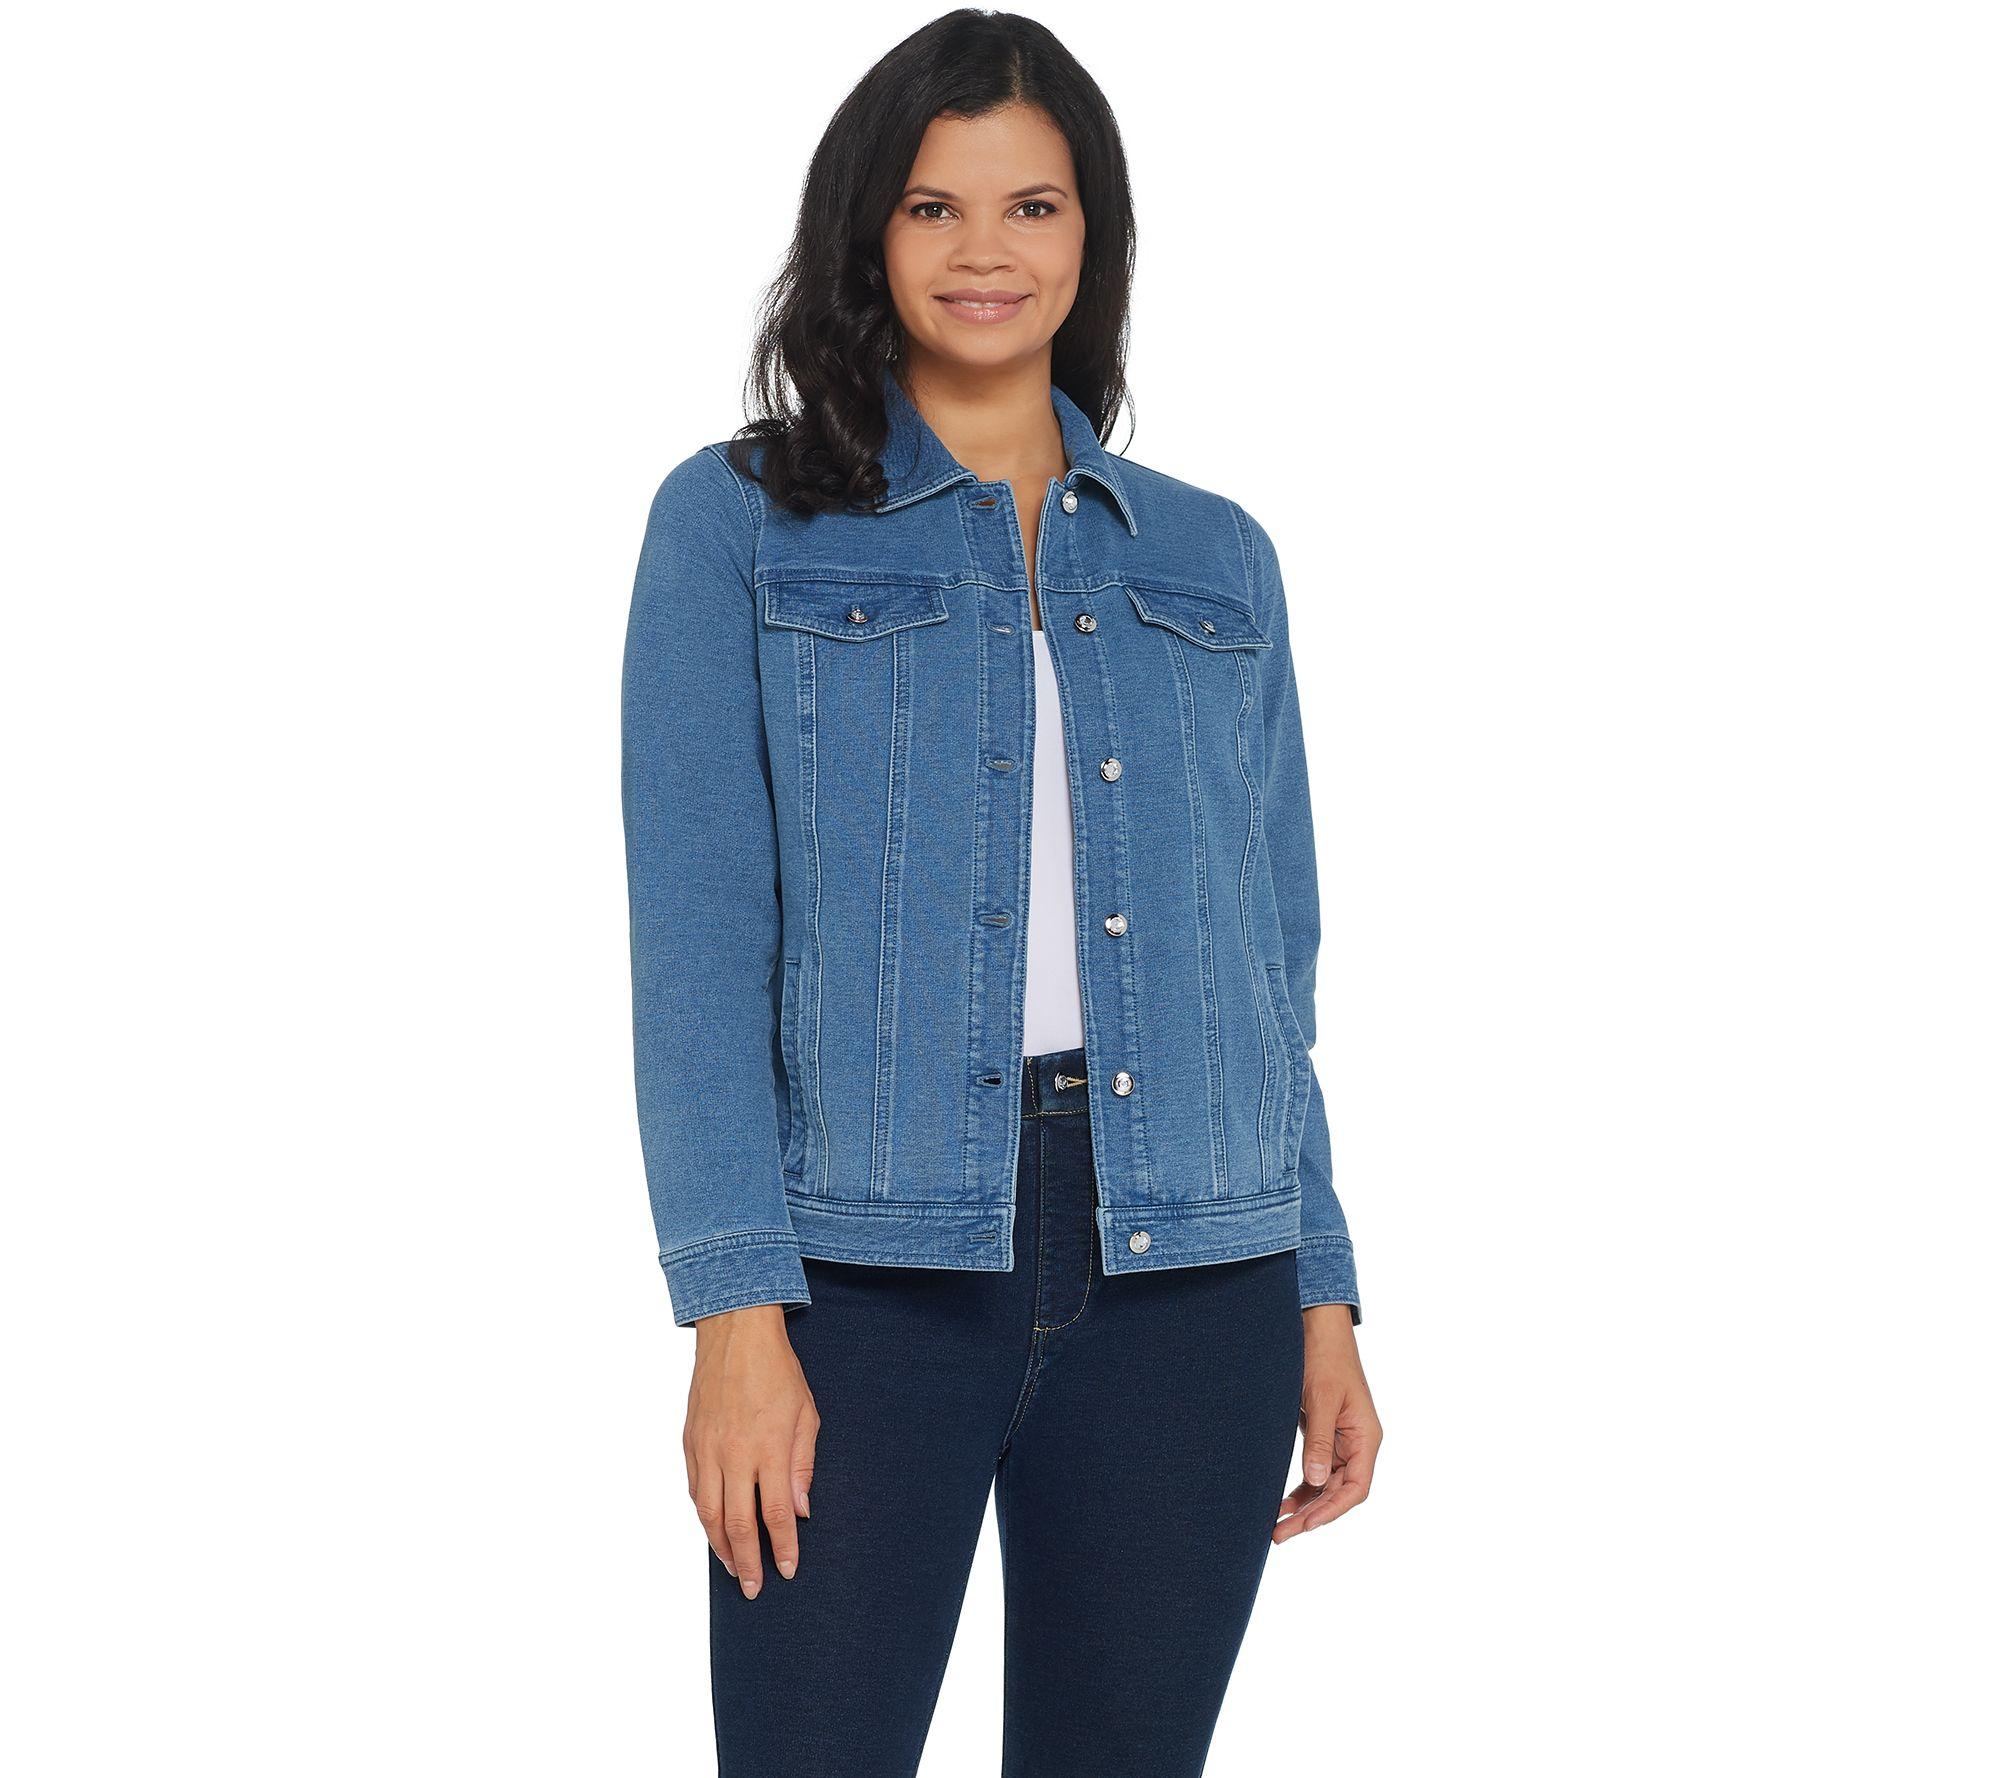 637c3e3504355 Quacker Factory DreamJeannes Button Front Jean Jacket - Page 1 — QVC.com